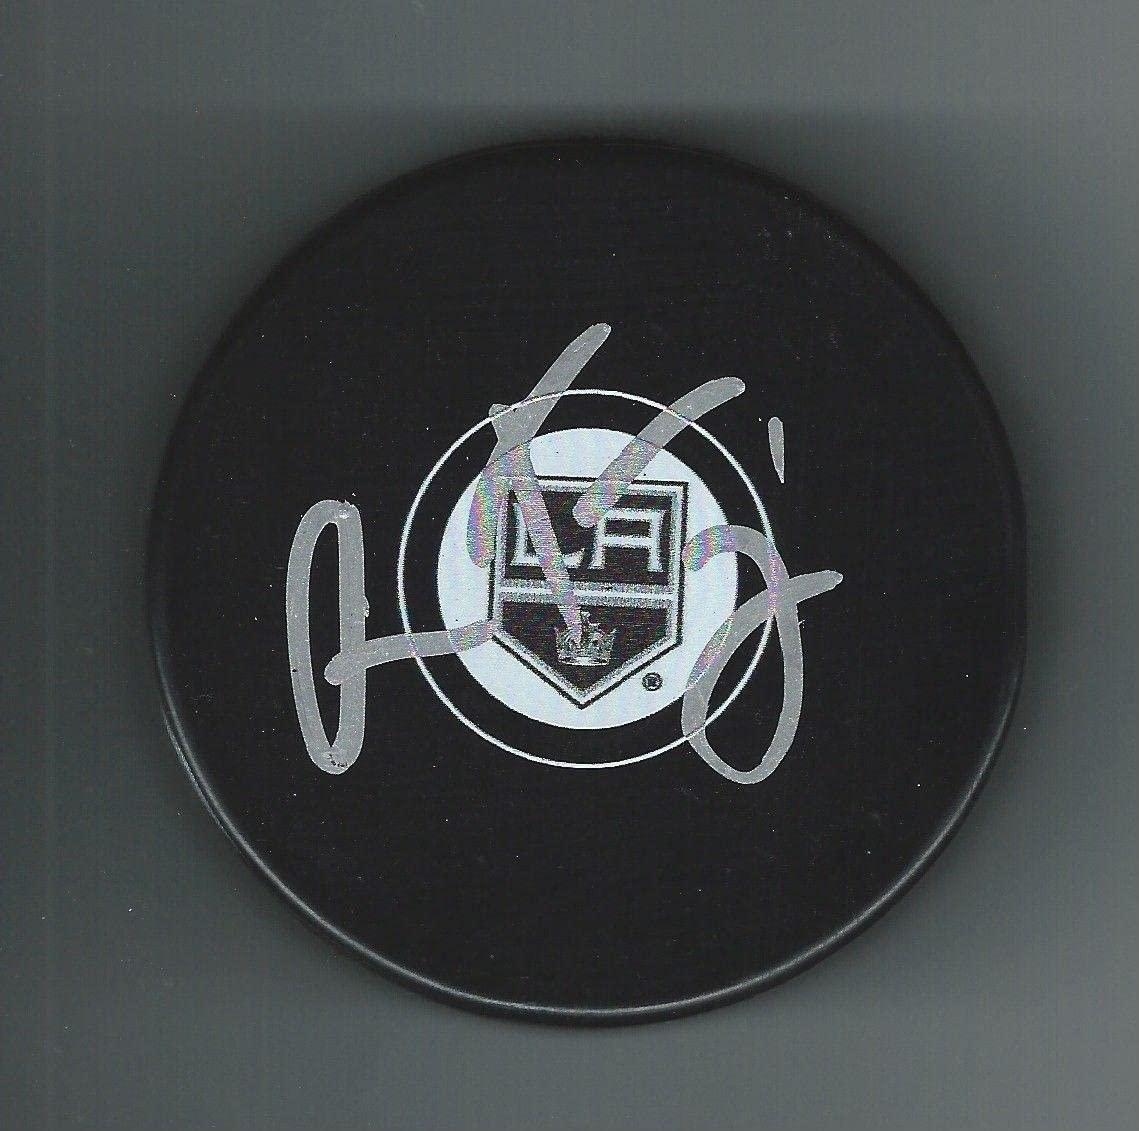 Oscar Fantenberg Autographed Puck - Autographed NHL Pucks